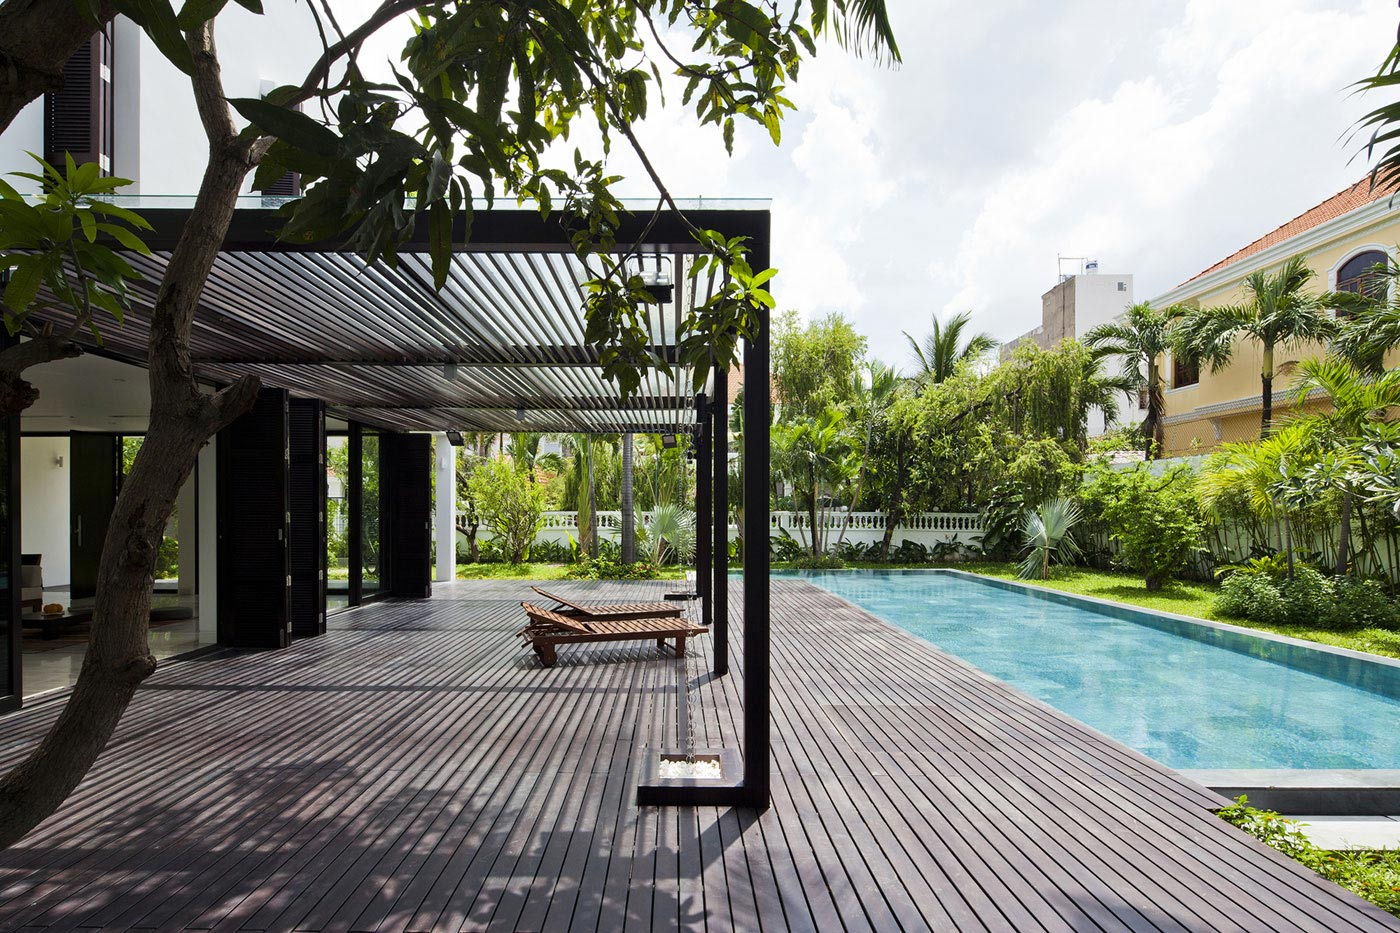 Veranda, Wood Terrace, Pool